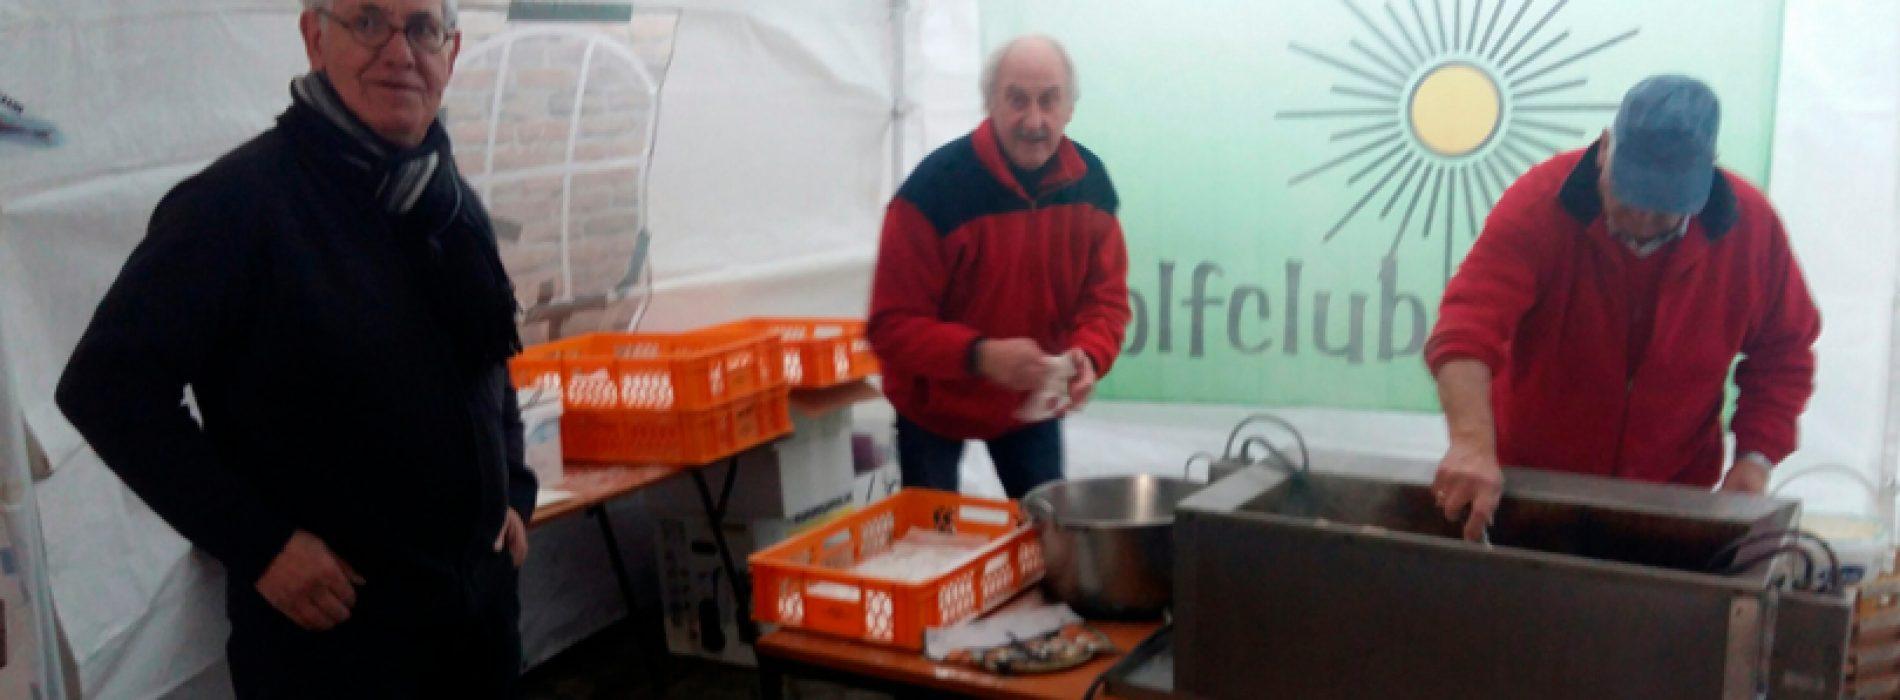 Oliebollenactie Voedselbank Best e.o.